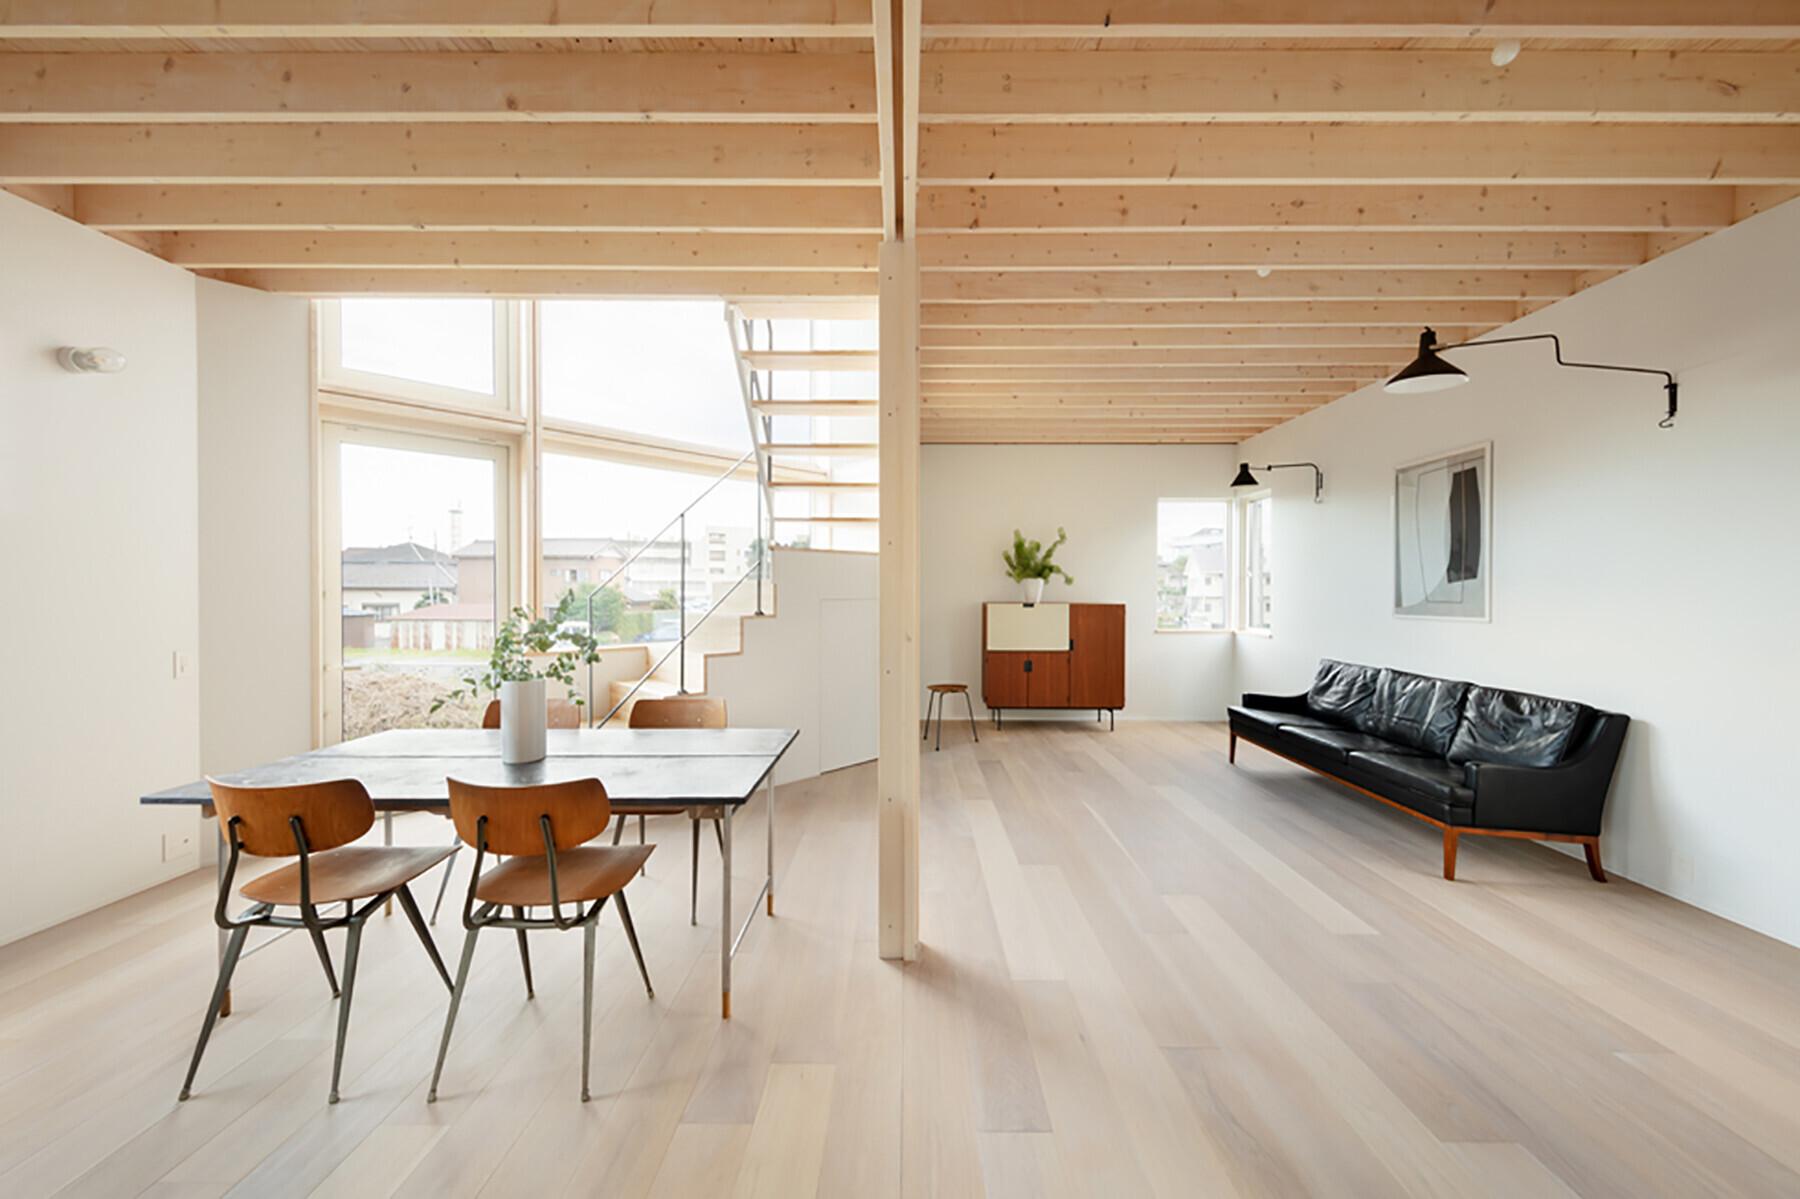 【東松山の家】大きな窓のある家の建築事例写真